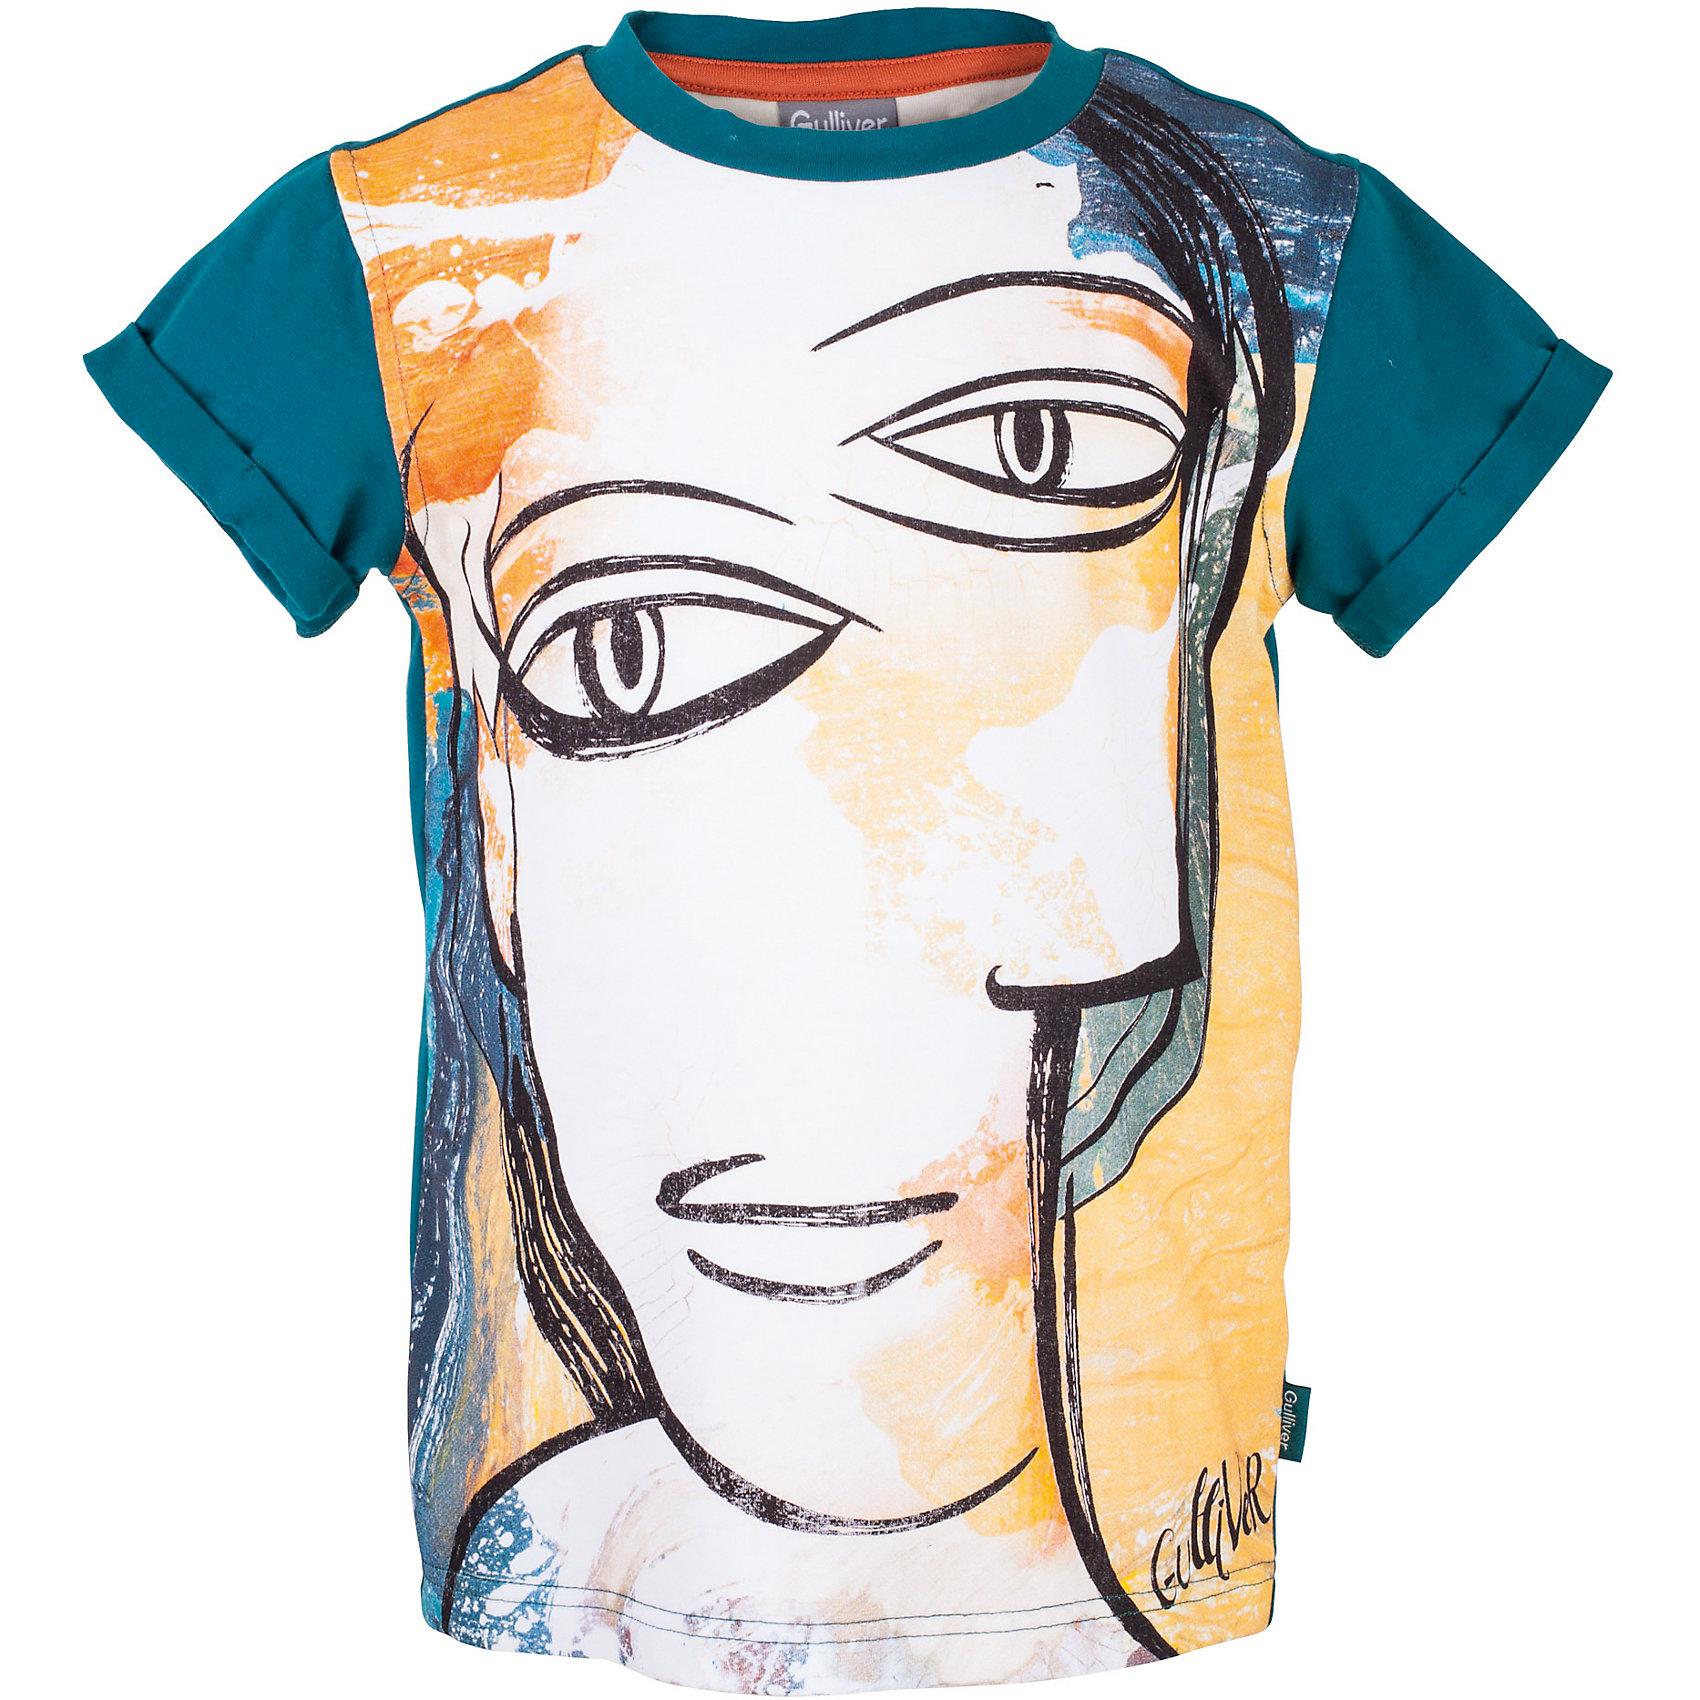 Футболка для мальчика GulliverФутболки, поло и топы<br>Если вы устали от цифр, букв и других популярных изображений и хотите сформировать летний гардероб ребенка из оригинальных и выразительных вещей, коллекция Пикассо для вас. Интересный принт, лихо выполненный дизайнером Gulliver по мотивам творчества известного художника, делают эту футболку яркой и запоминающейся. Футболка из мягкого трикотажного полотна не сковывает движений, позволяя ребенку быть самим собой. Если вы решили купить футболку для мальчика, но сомневаетесь в правильности выбора, футболка из коллекции Пикассо - отличный вариант! Это свежая необычная модель, которая может стать доминантой стильного летнего образа.<br>Состав:<br>95% хлопок      5% эластан<br><br>Ширина мм: 199<br>Глубина мм: 10<br>Высота мм: 161<br>Вес г: 151<br>Цвет: голубой<br>Возраст от месяцев: 84<br>Возраст до месяцев: 96<br>Пол: Мужской<br>Возраст: Детский<br>Размер: 128,140,122,134<br>SKU: 5484193